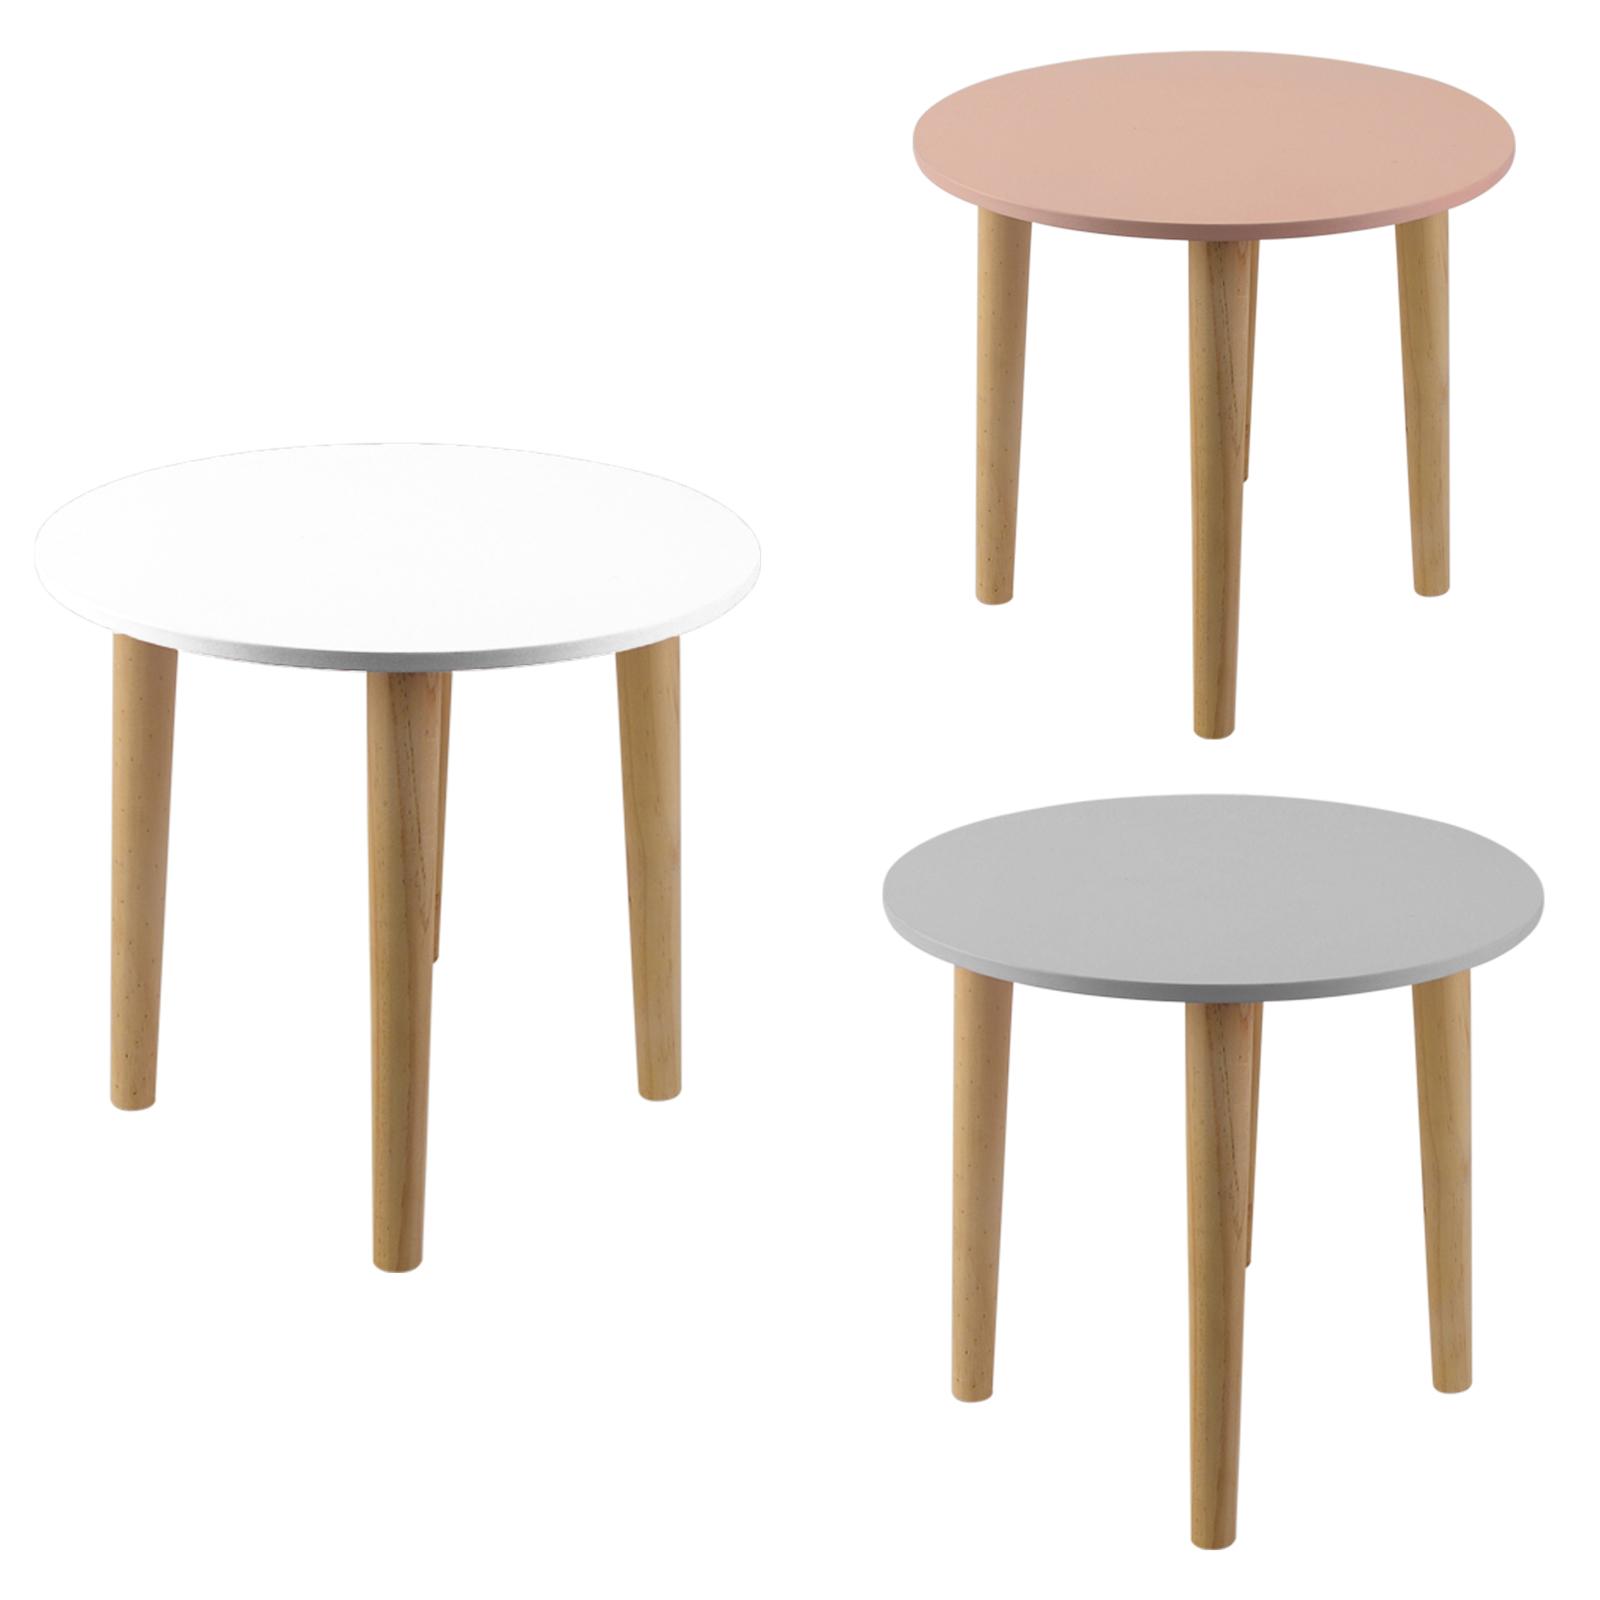 Esszimmertisch Weiss 3 #17: 3 Farben Beistelltisch Rund Tisch Nachttisch Esstisch Weiß Rosa